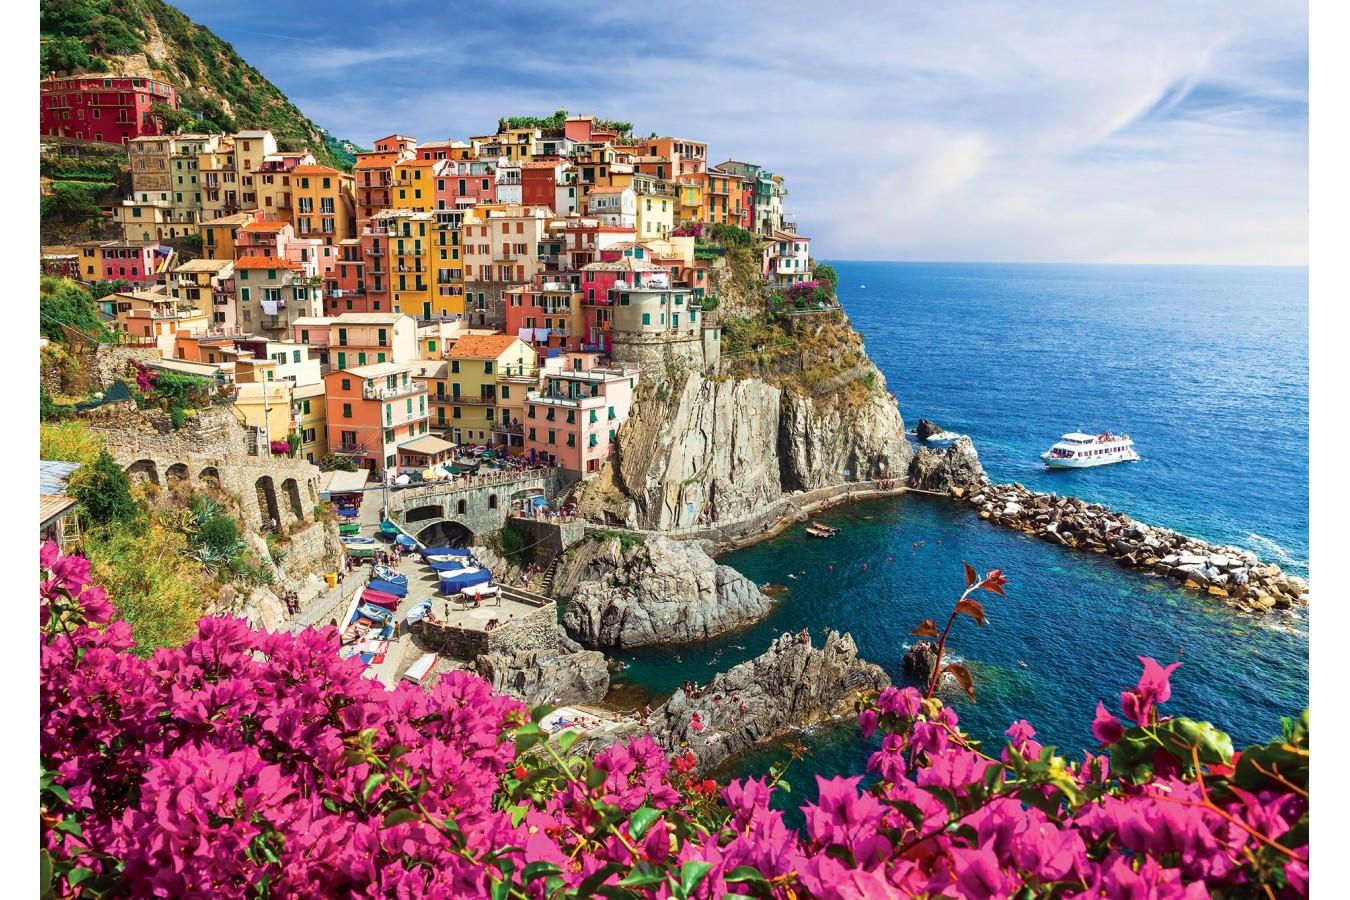 Puzzle 1000 piese - Manarola, Cinque Terre, Italy (Enjoy-1080)